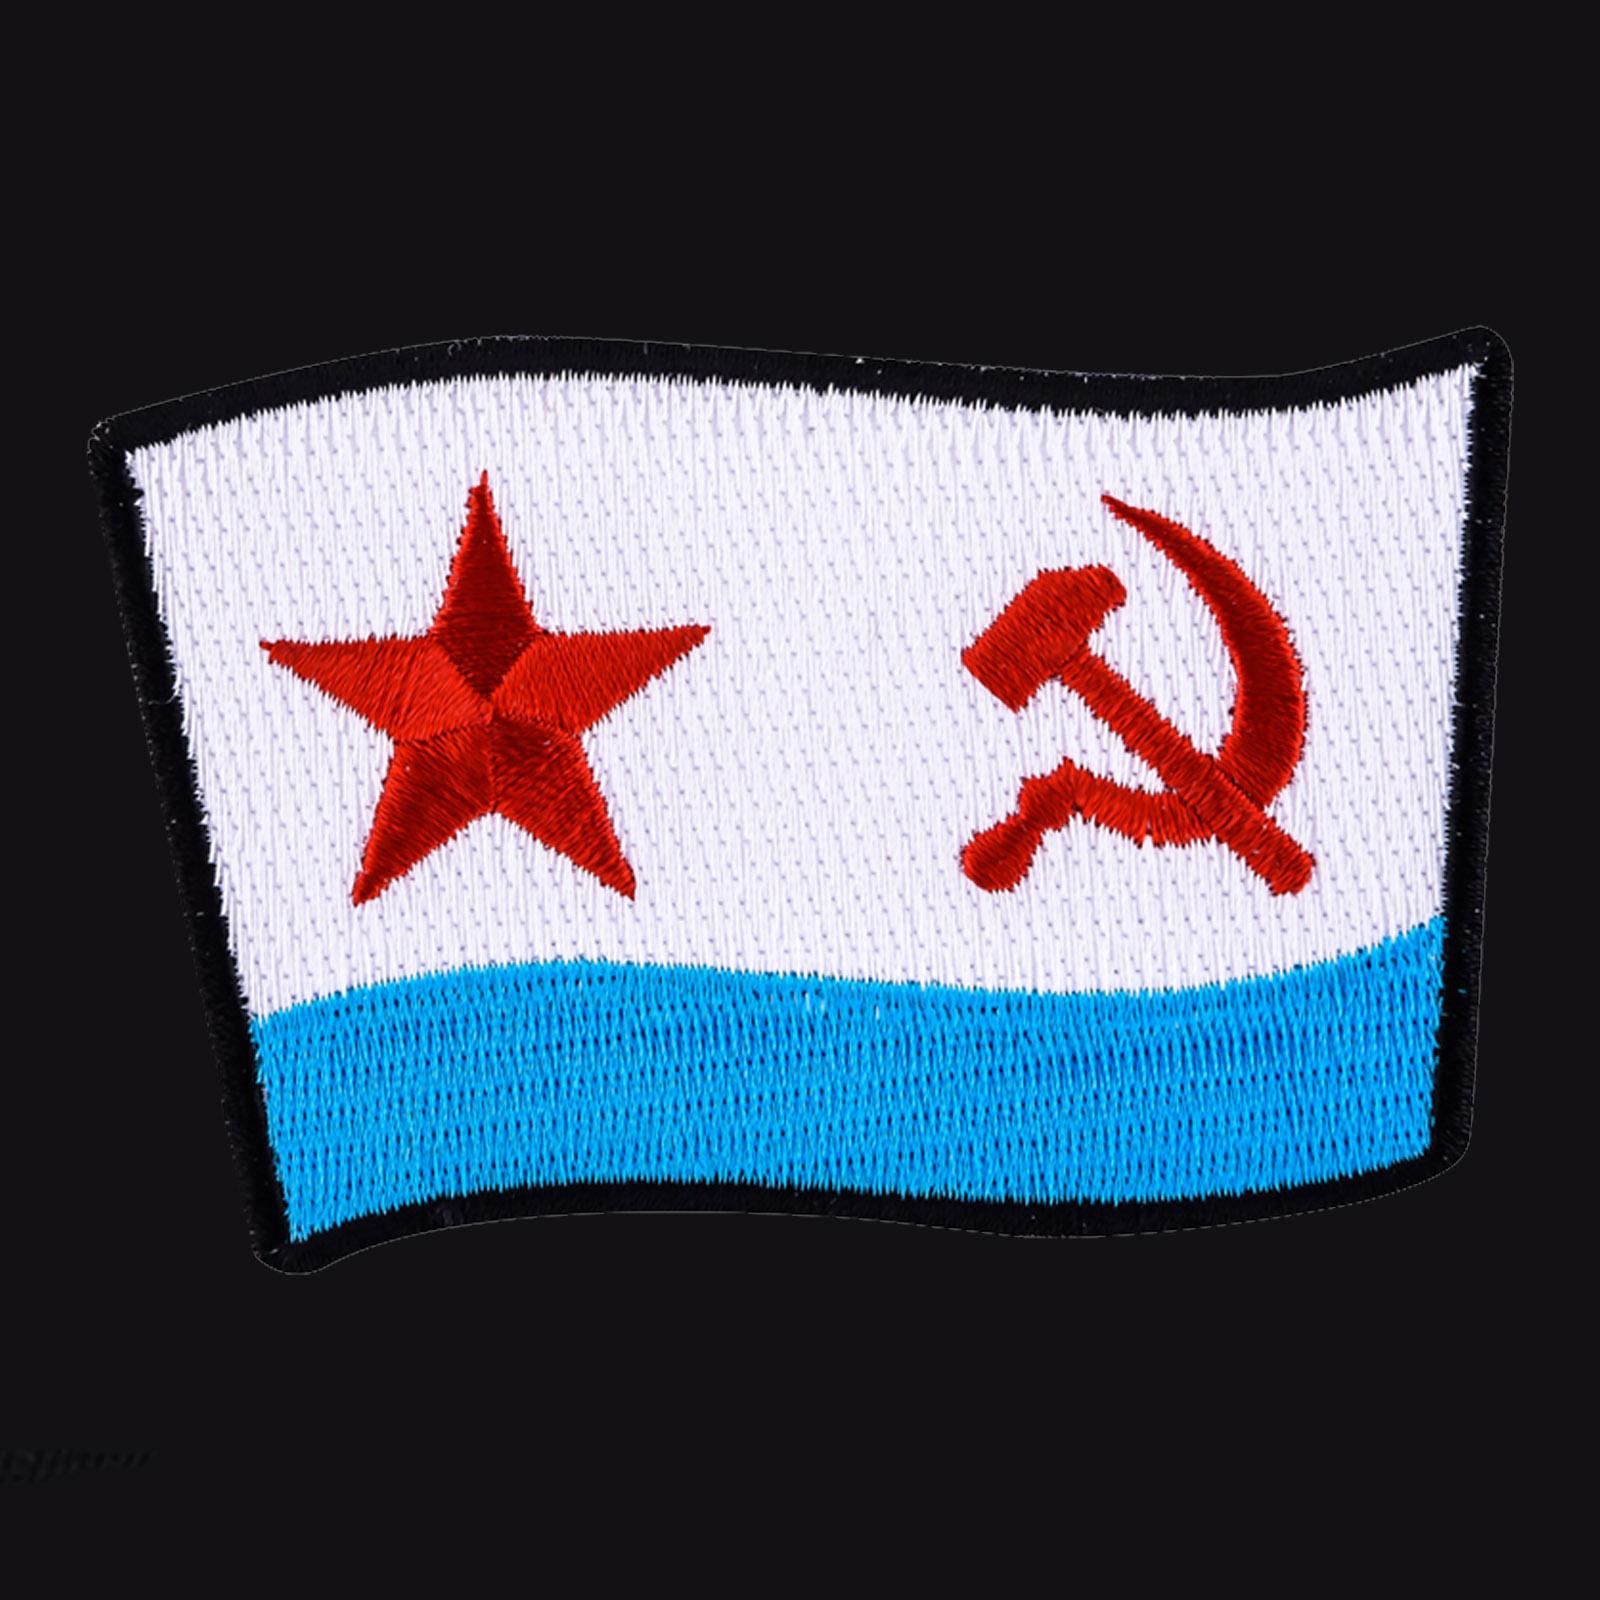 Мужская толстовка с шевроном ВМФ СССР купить по привлекательной цене